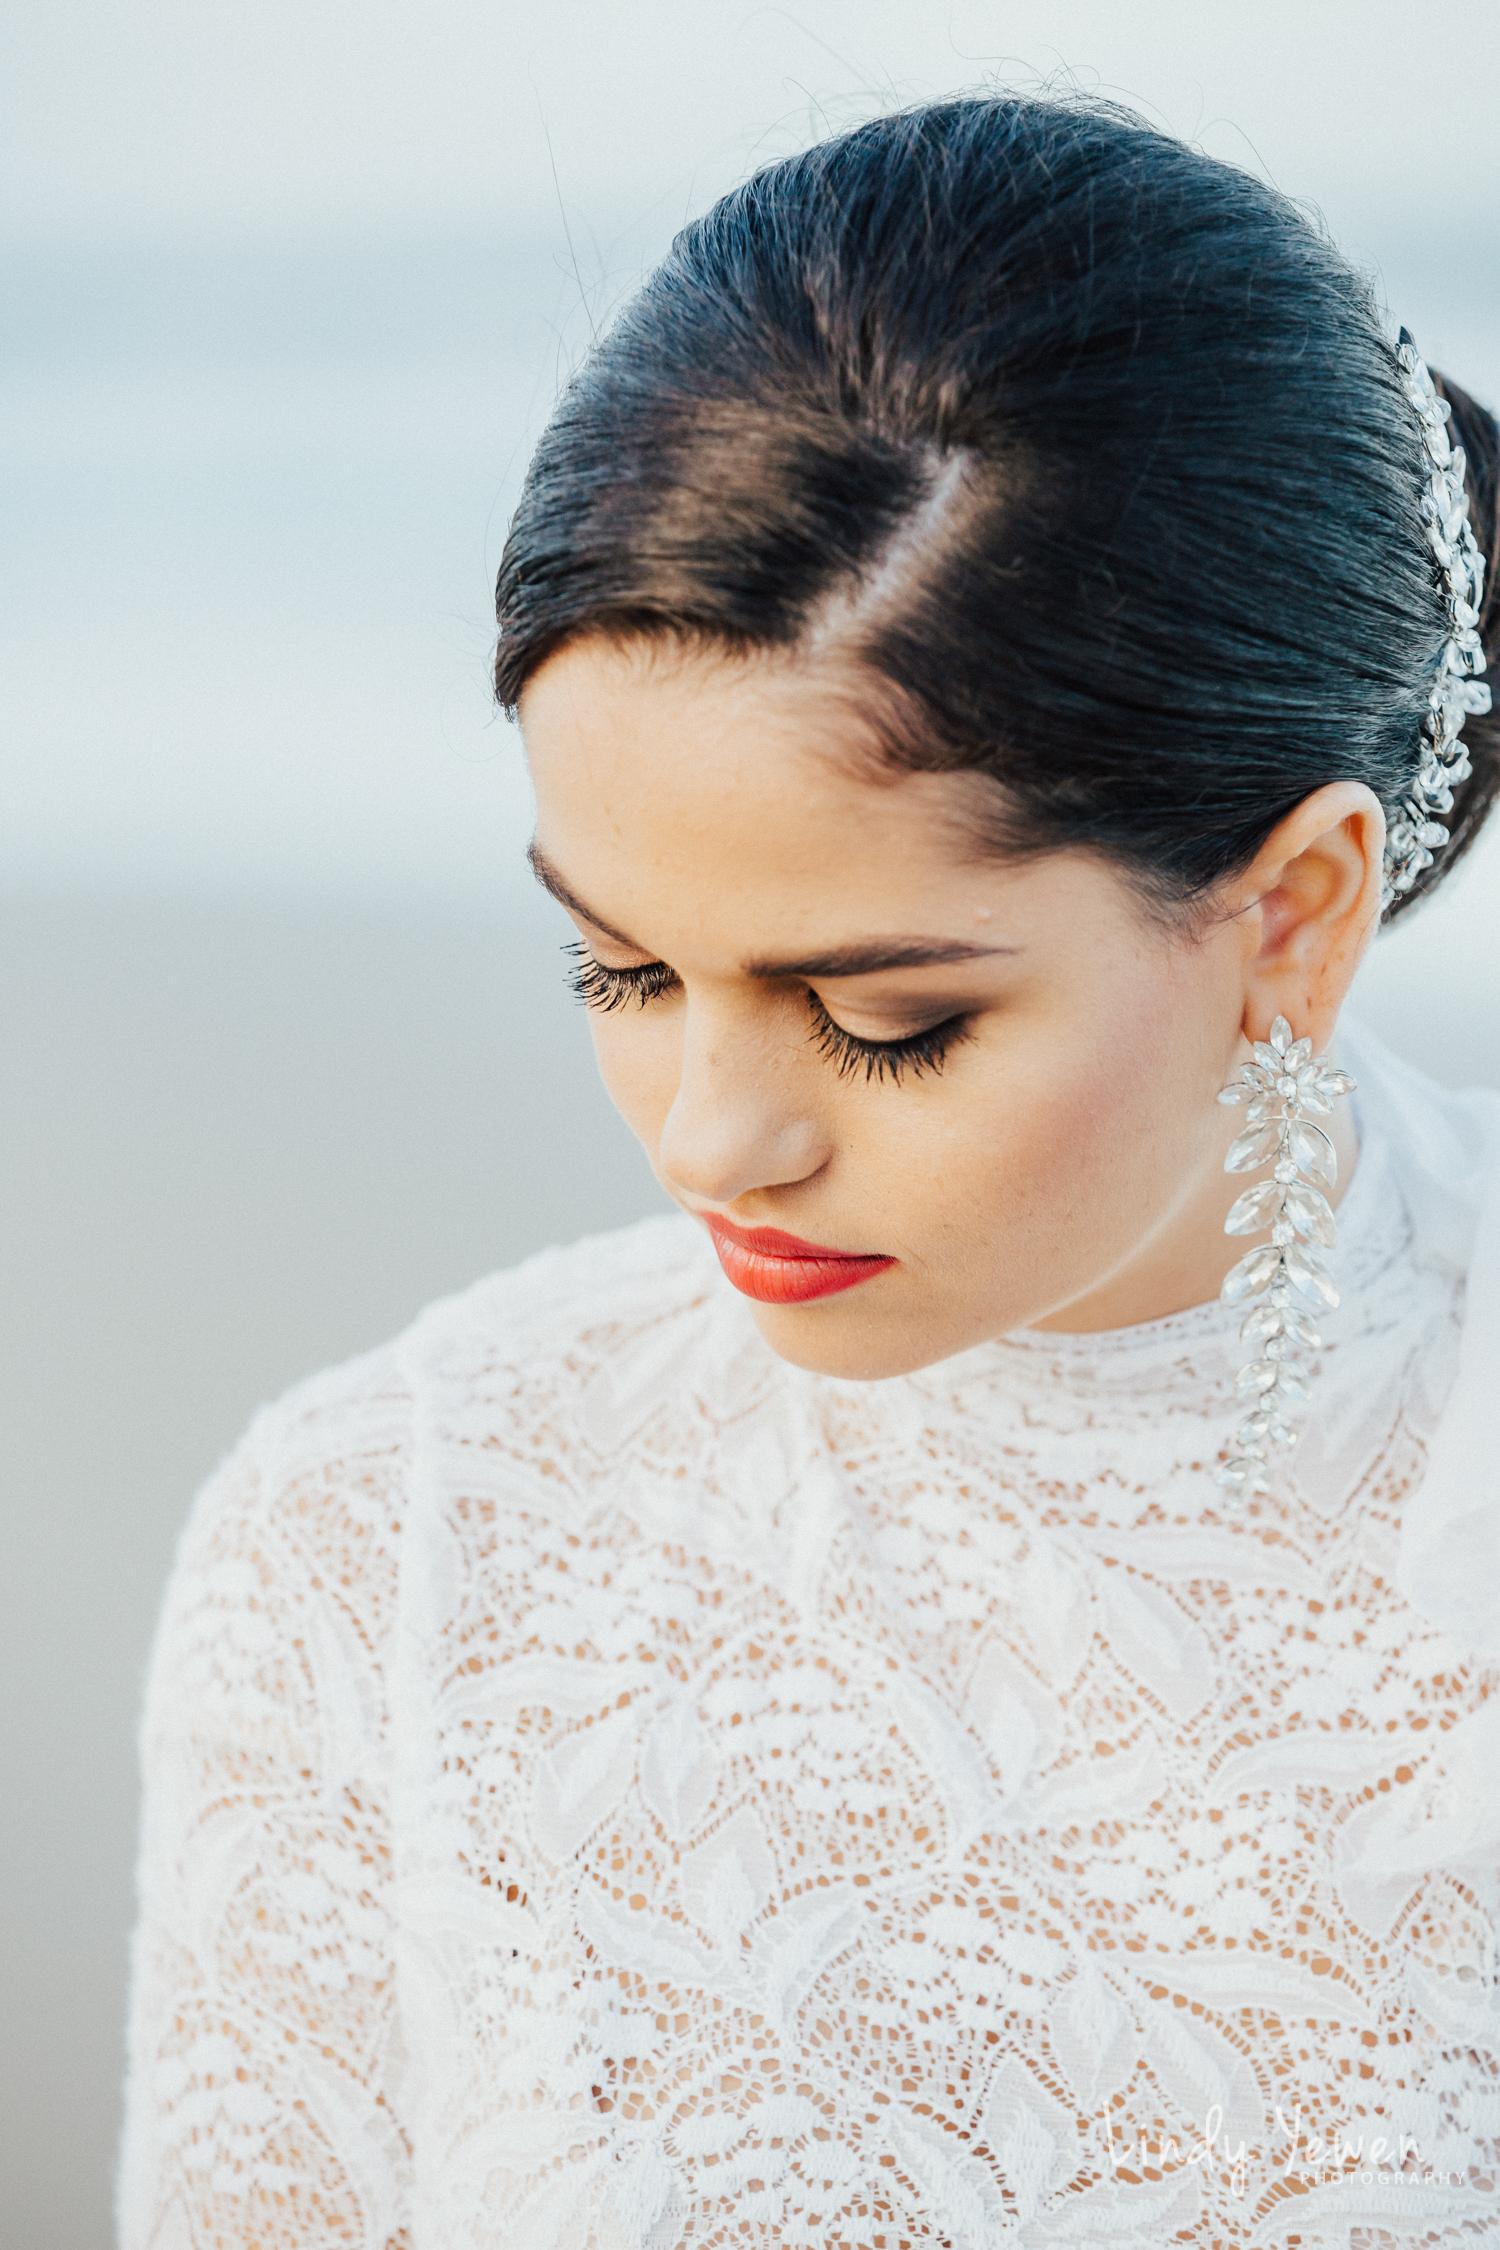 Lindy-Yewen-Photography-Spanish-Wedding 236.jpg